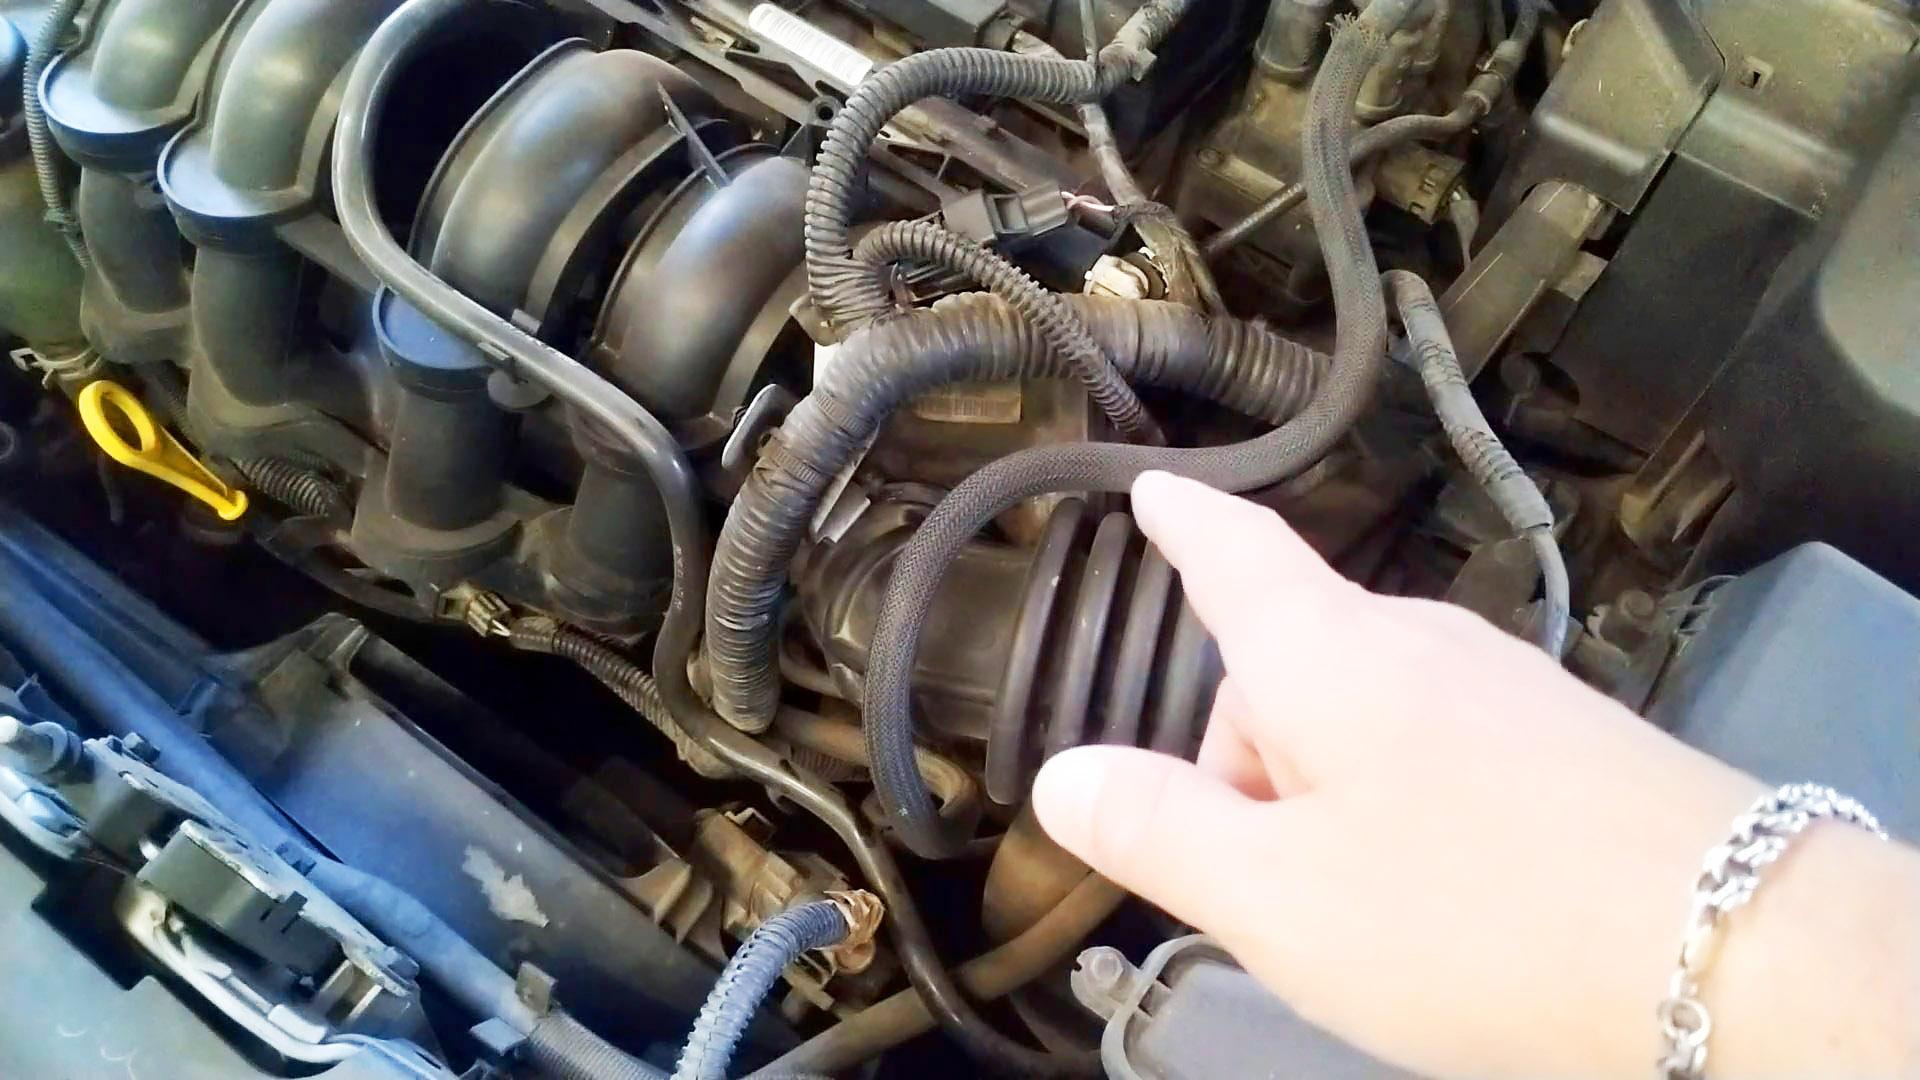 Двигатель плохо заводится? Плохая тяга, плавают обороты? Проверьте заслонку